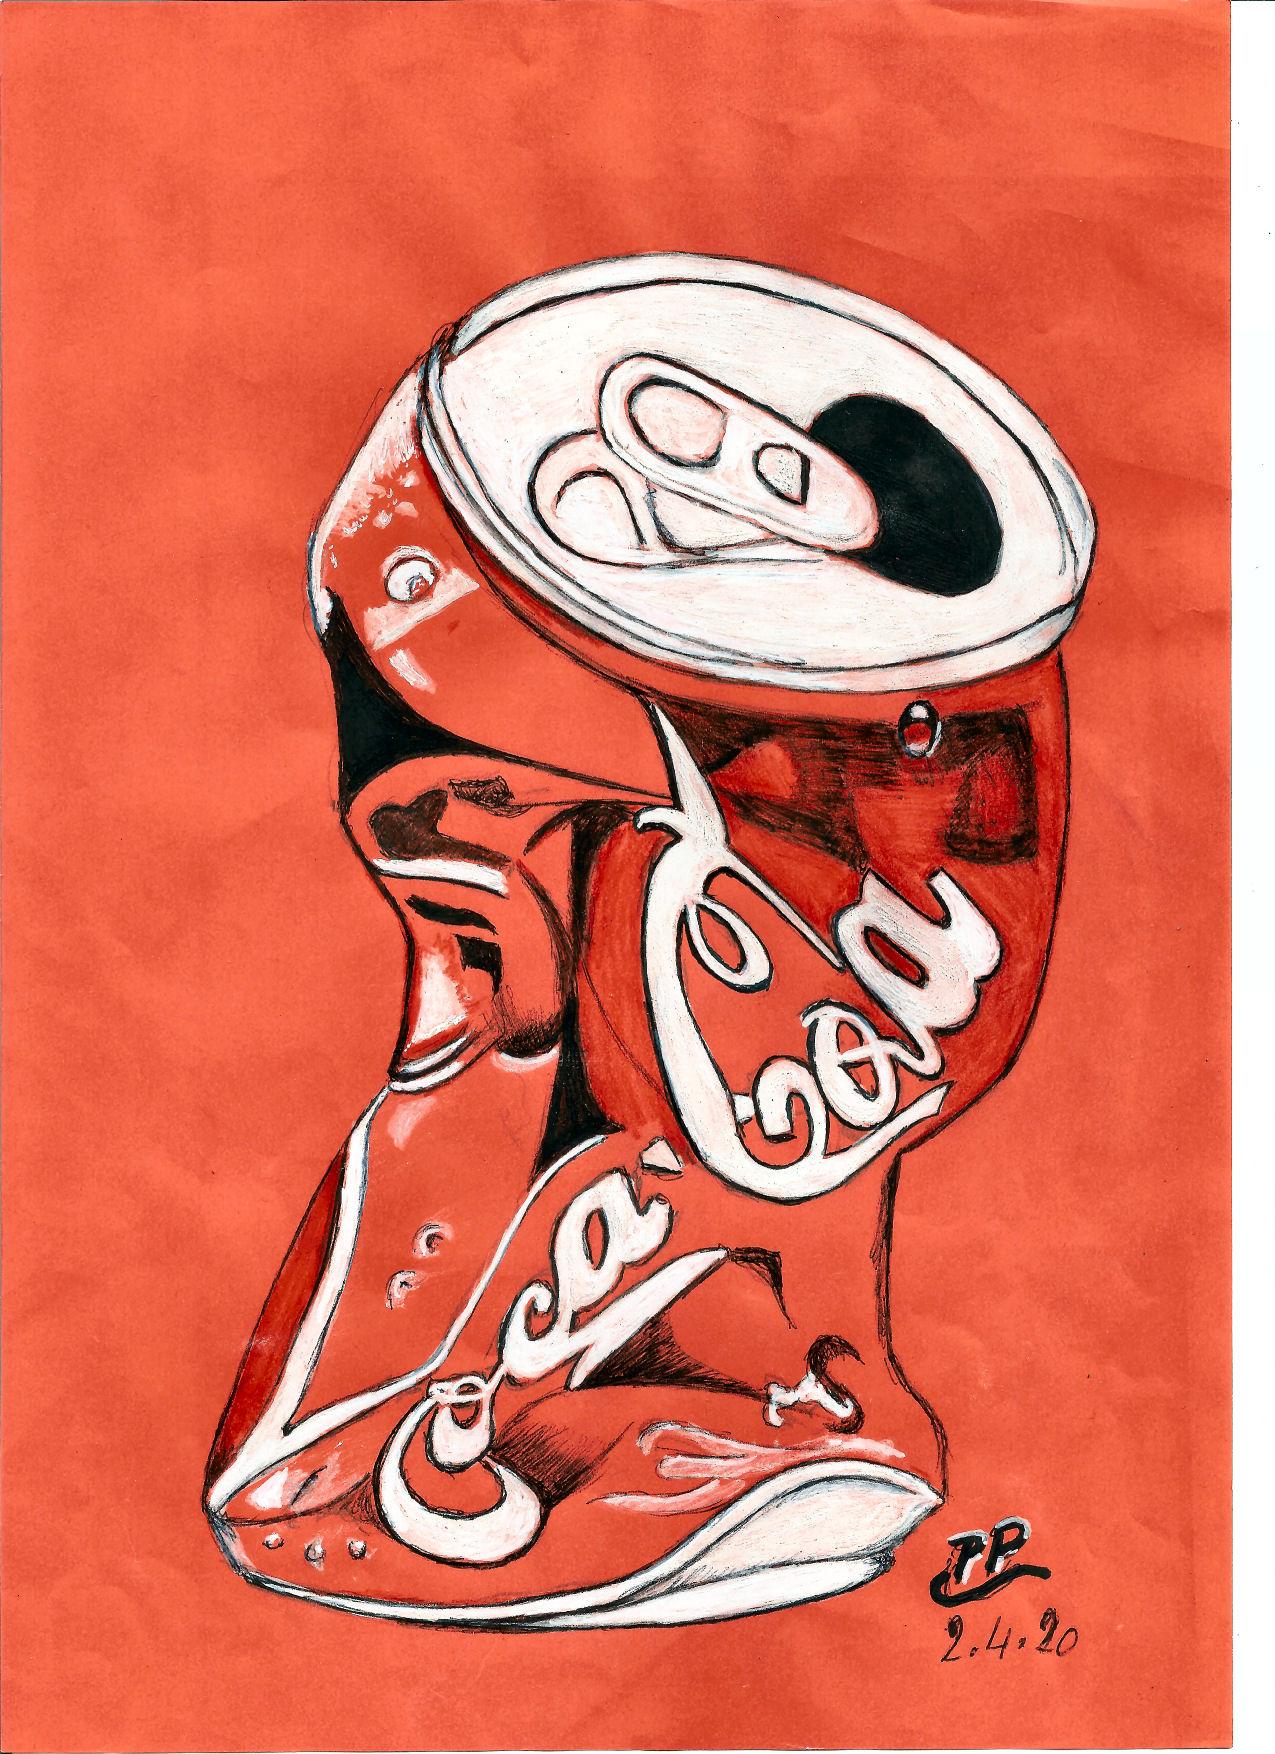 Dessin Cola de Patoux